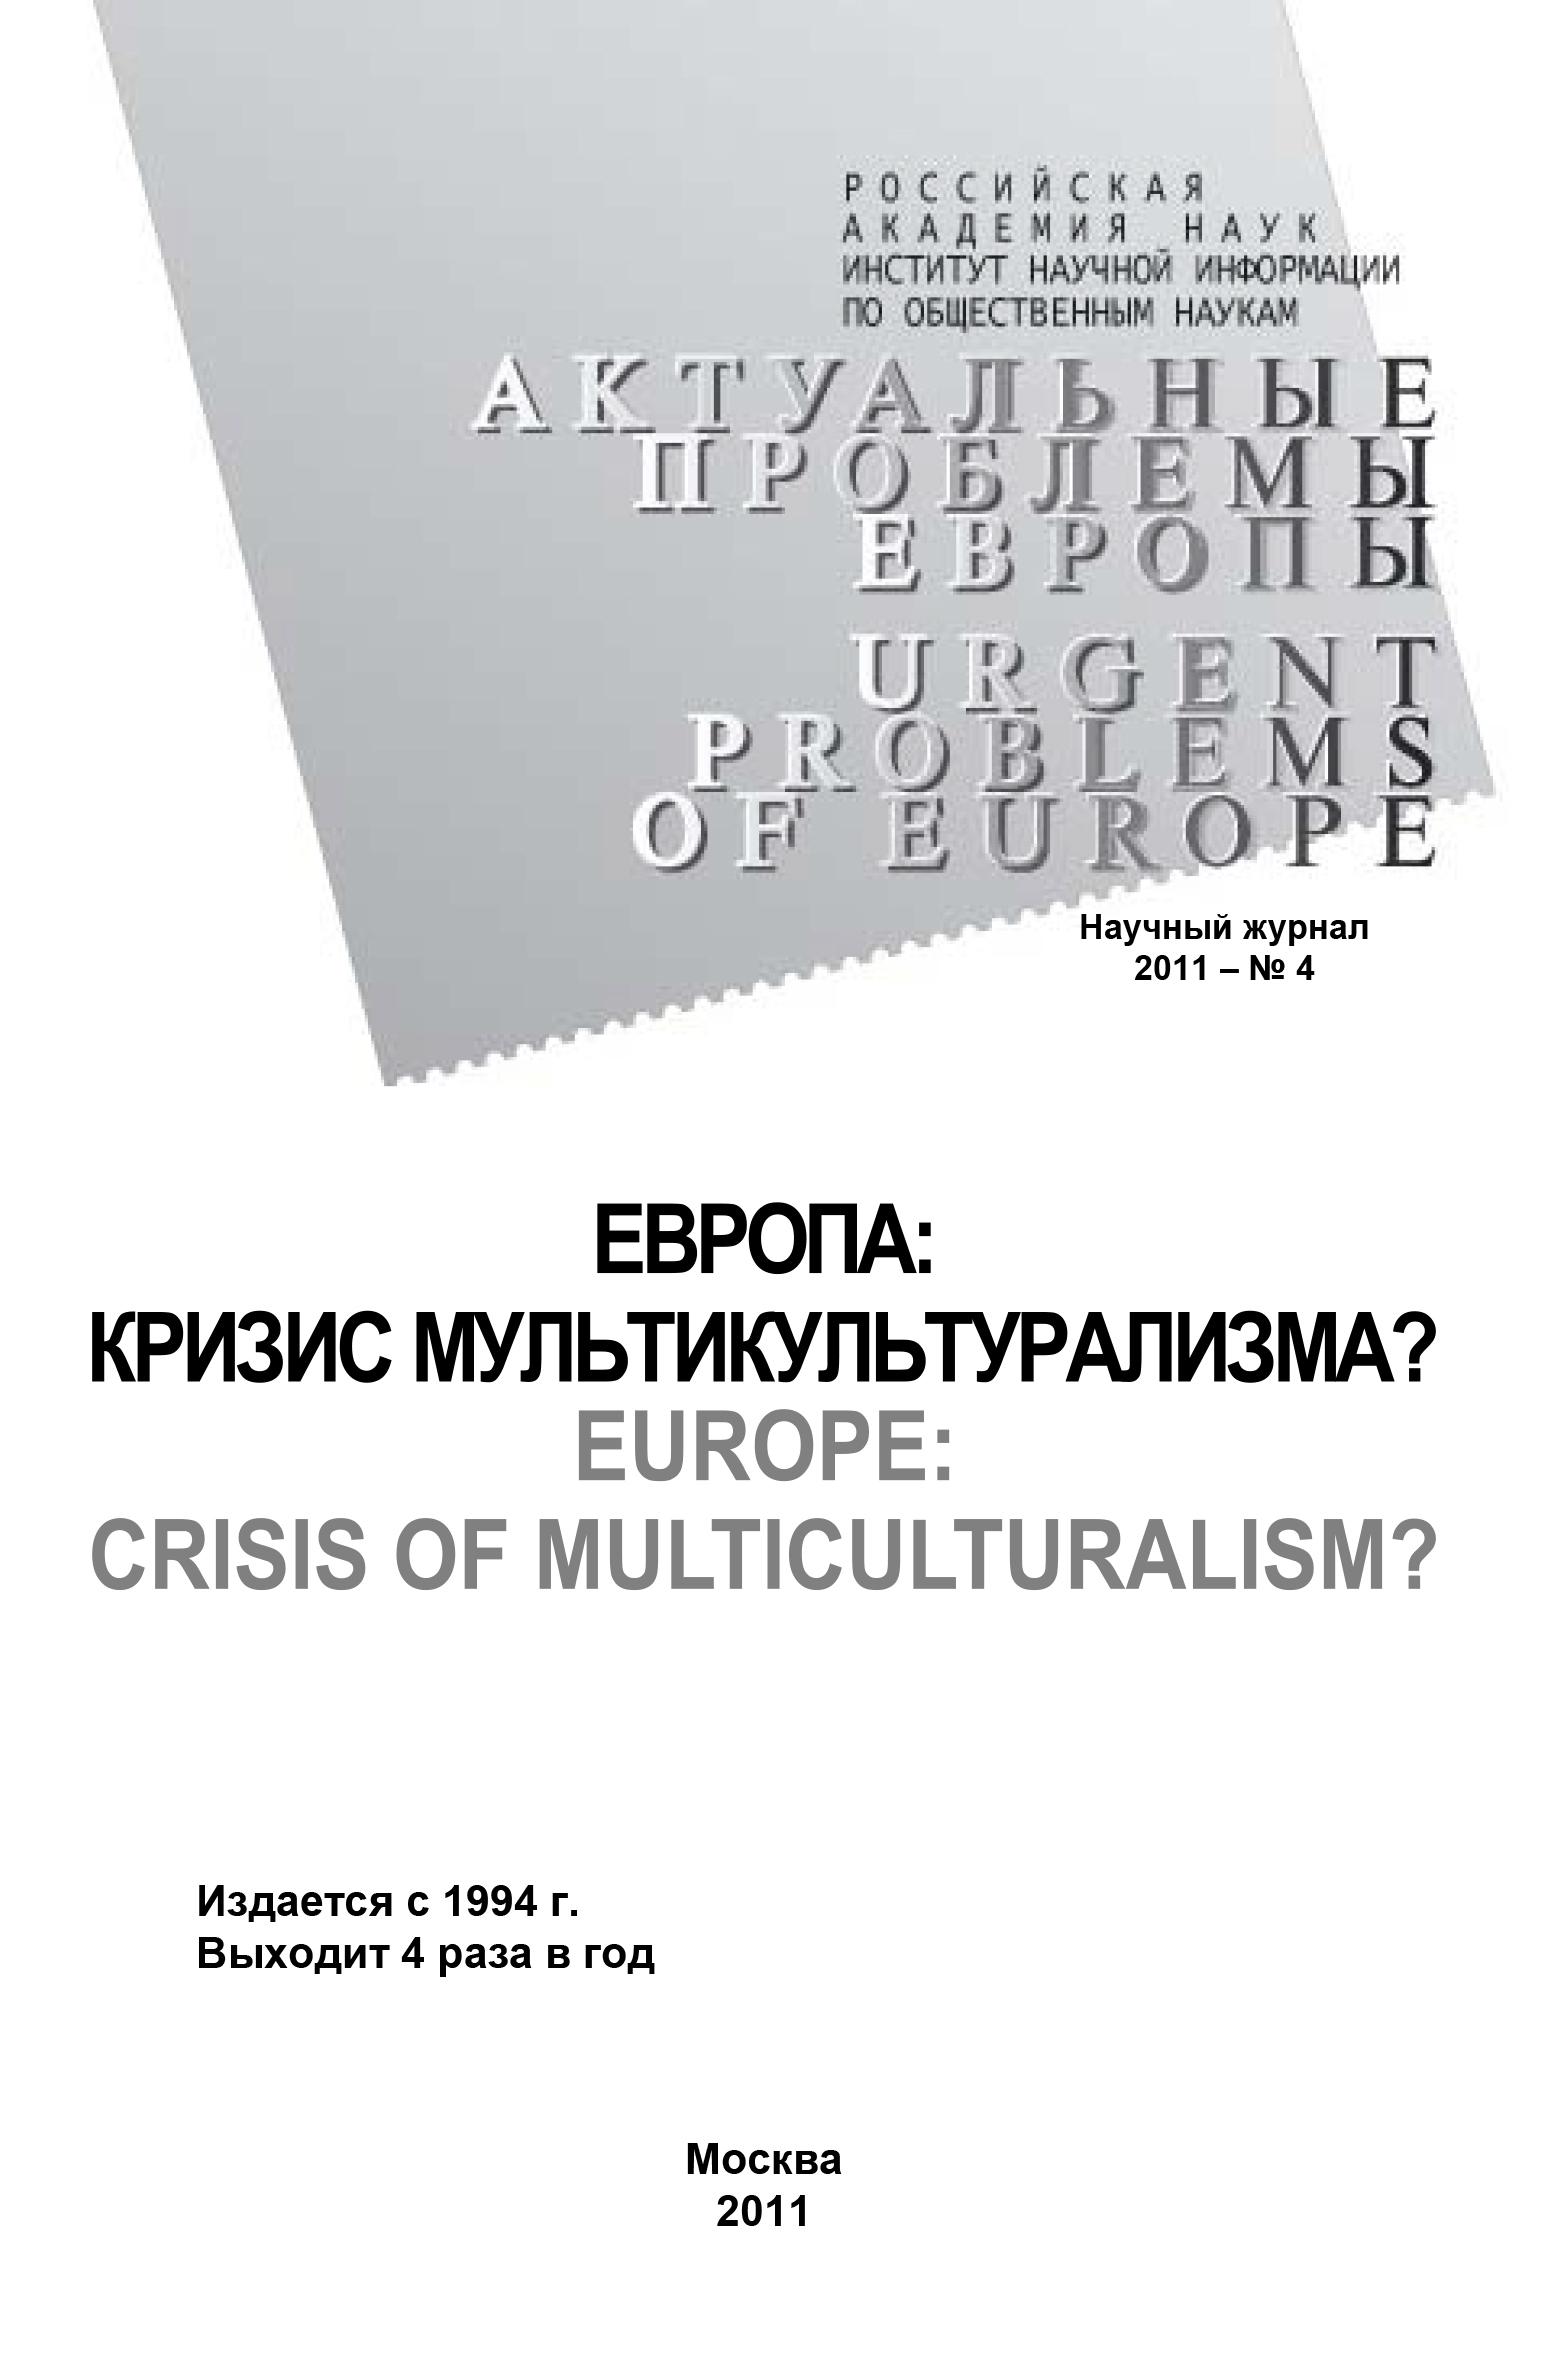 фото обложки издания Актуальные проблемы Европы №4 / 2011